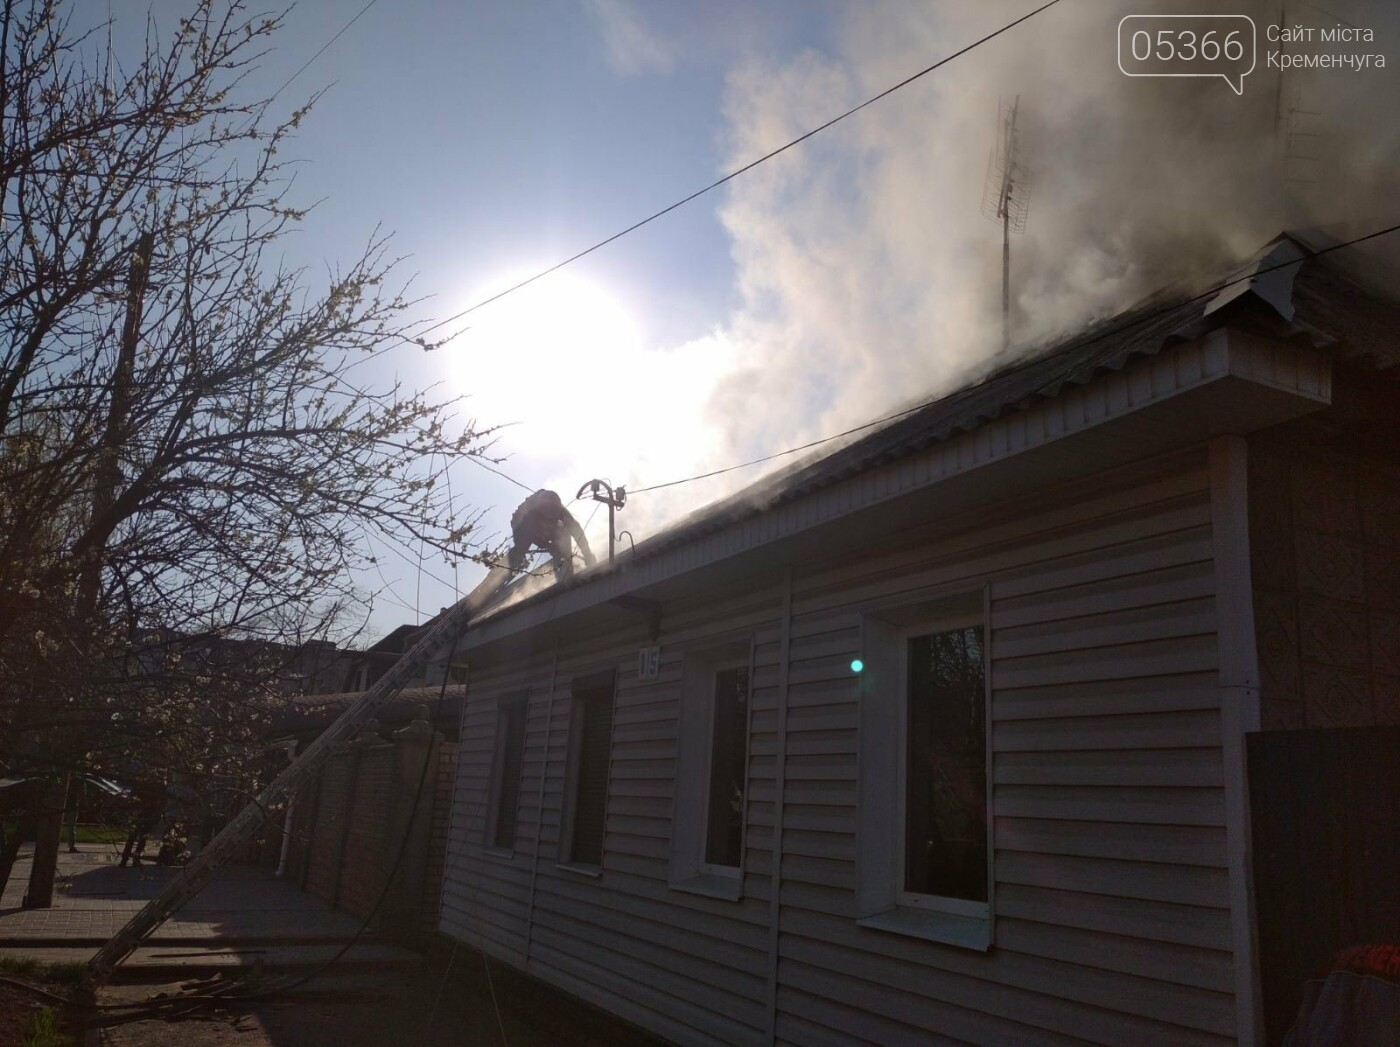 У Кременчуці спалахнула пожежа у приватному будинку на Сумській. Фото , фото-5